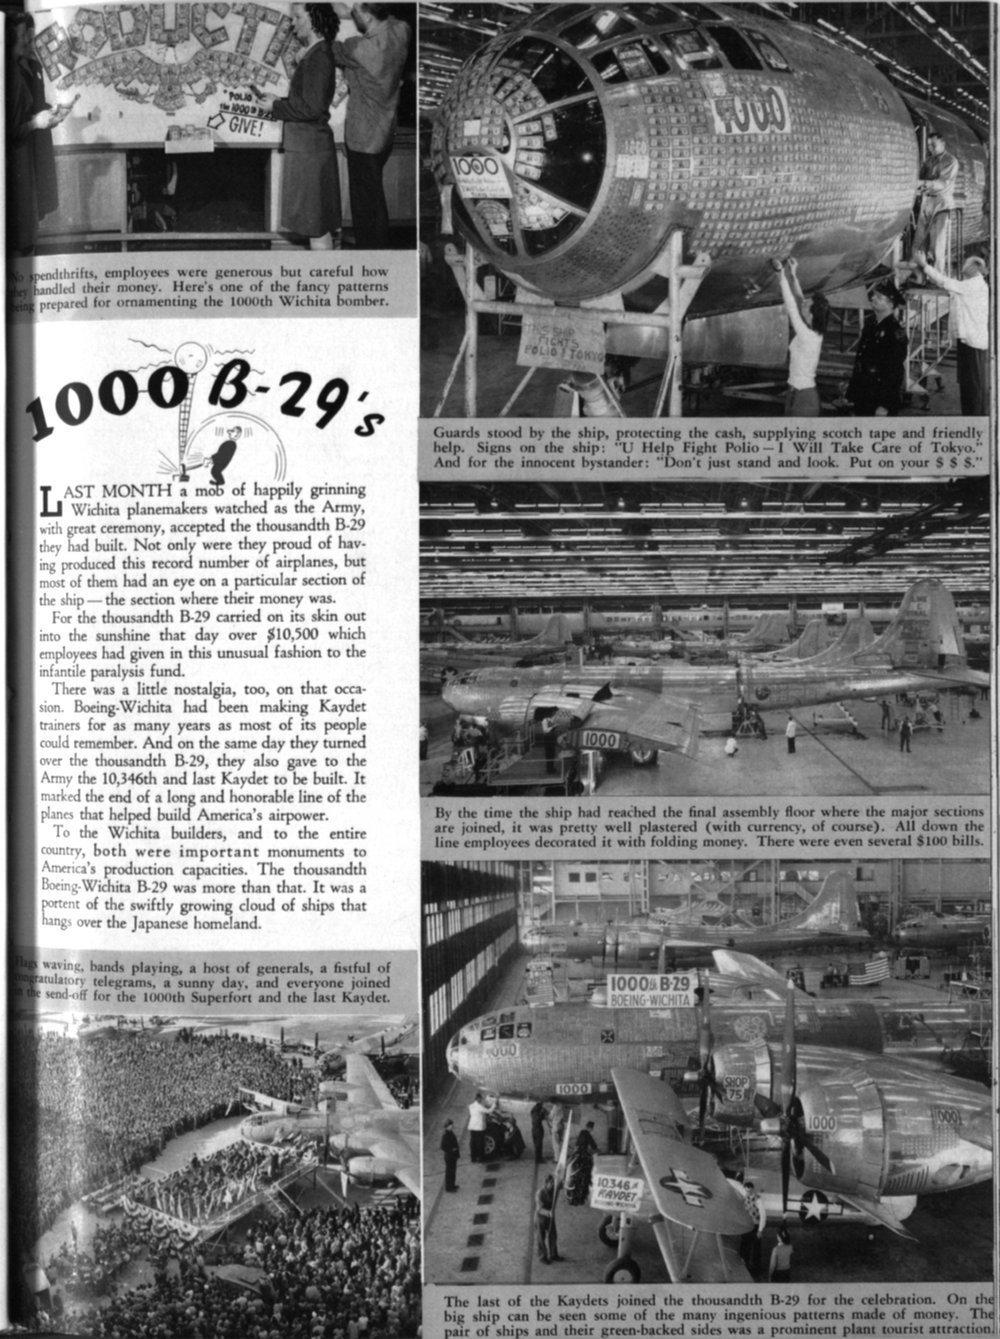 1000 B-29's